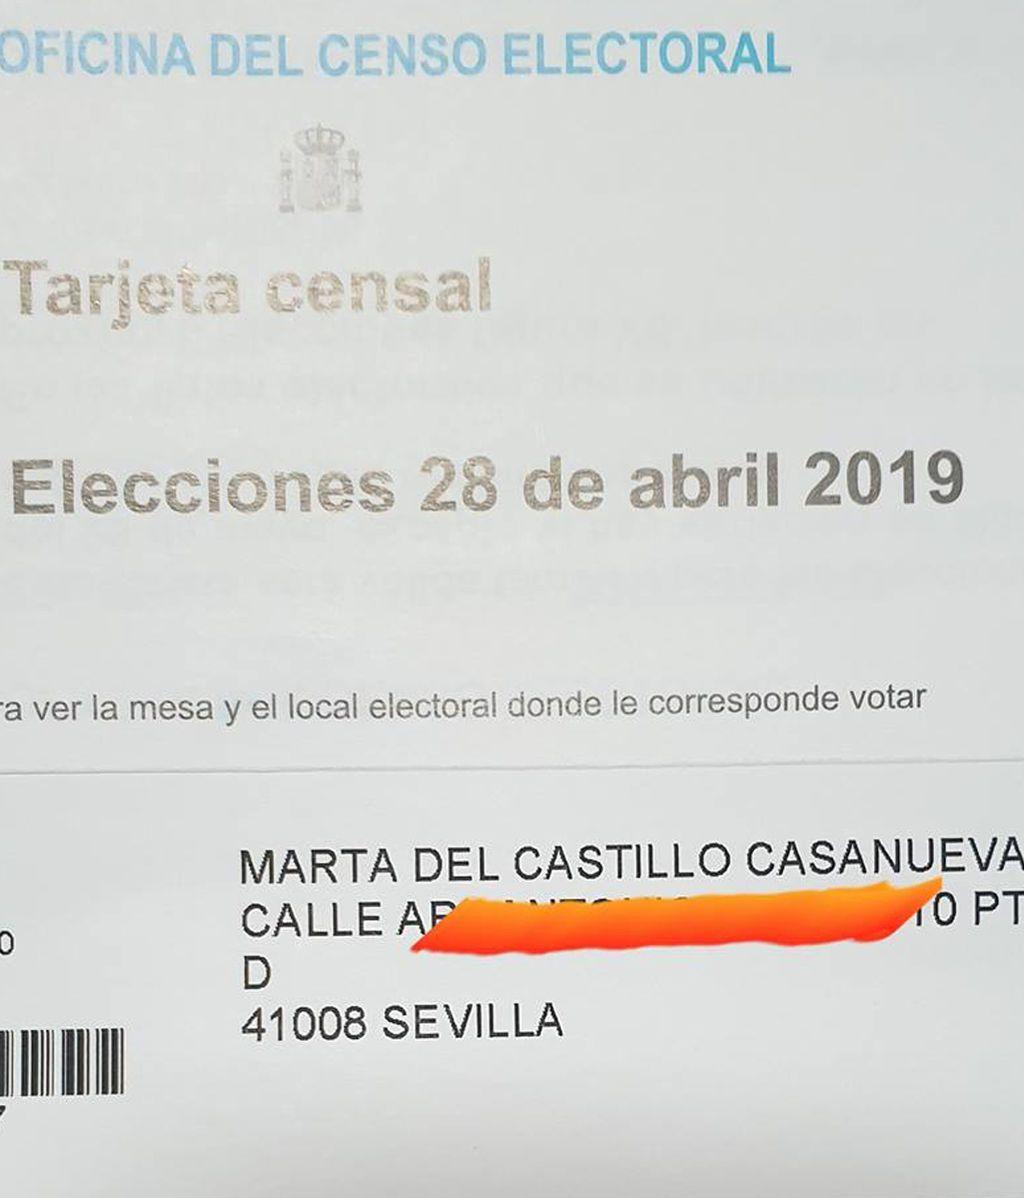 El padre de Marta del Castillo critica a la Administración por mandarle la tarjeta censal de su hija, al igual que a Yéremi